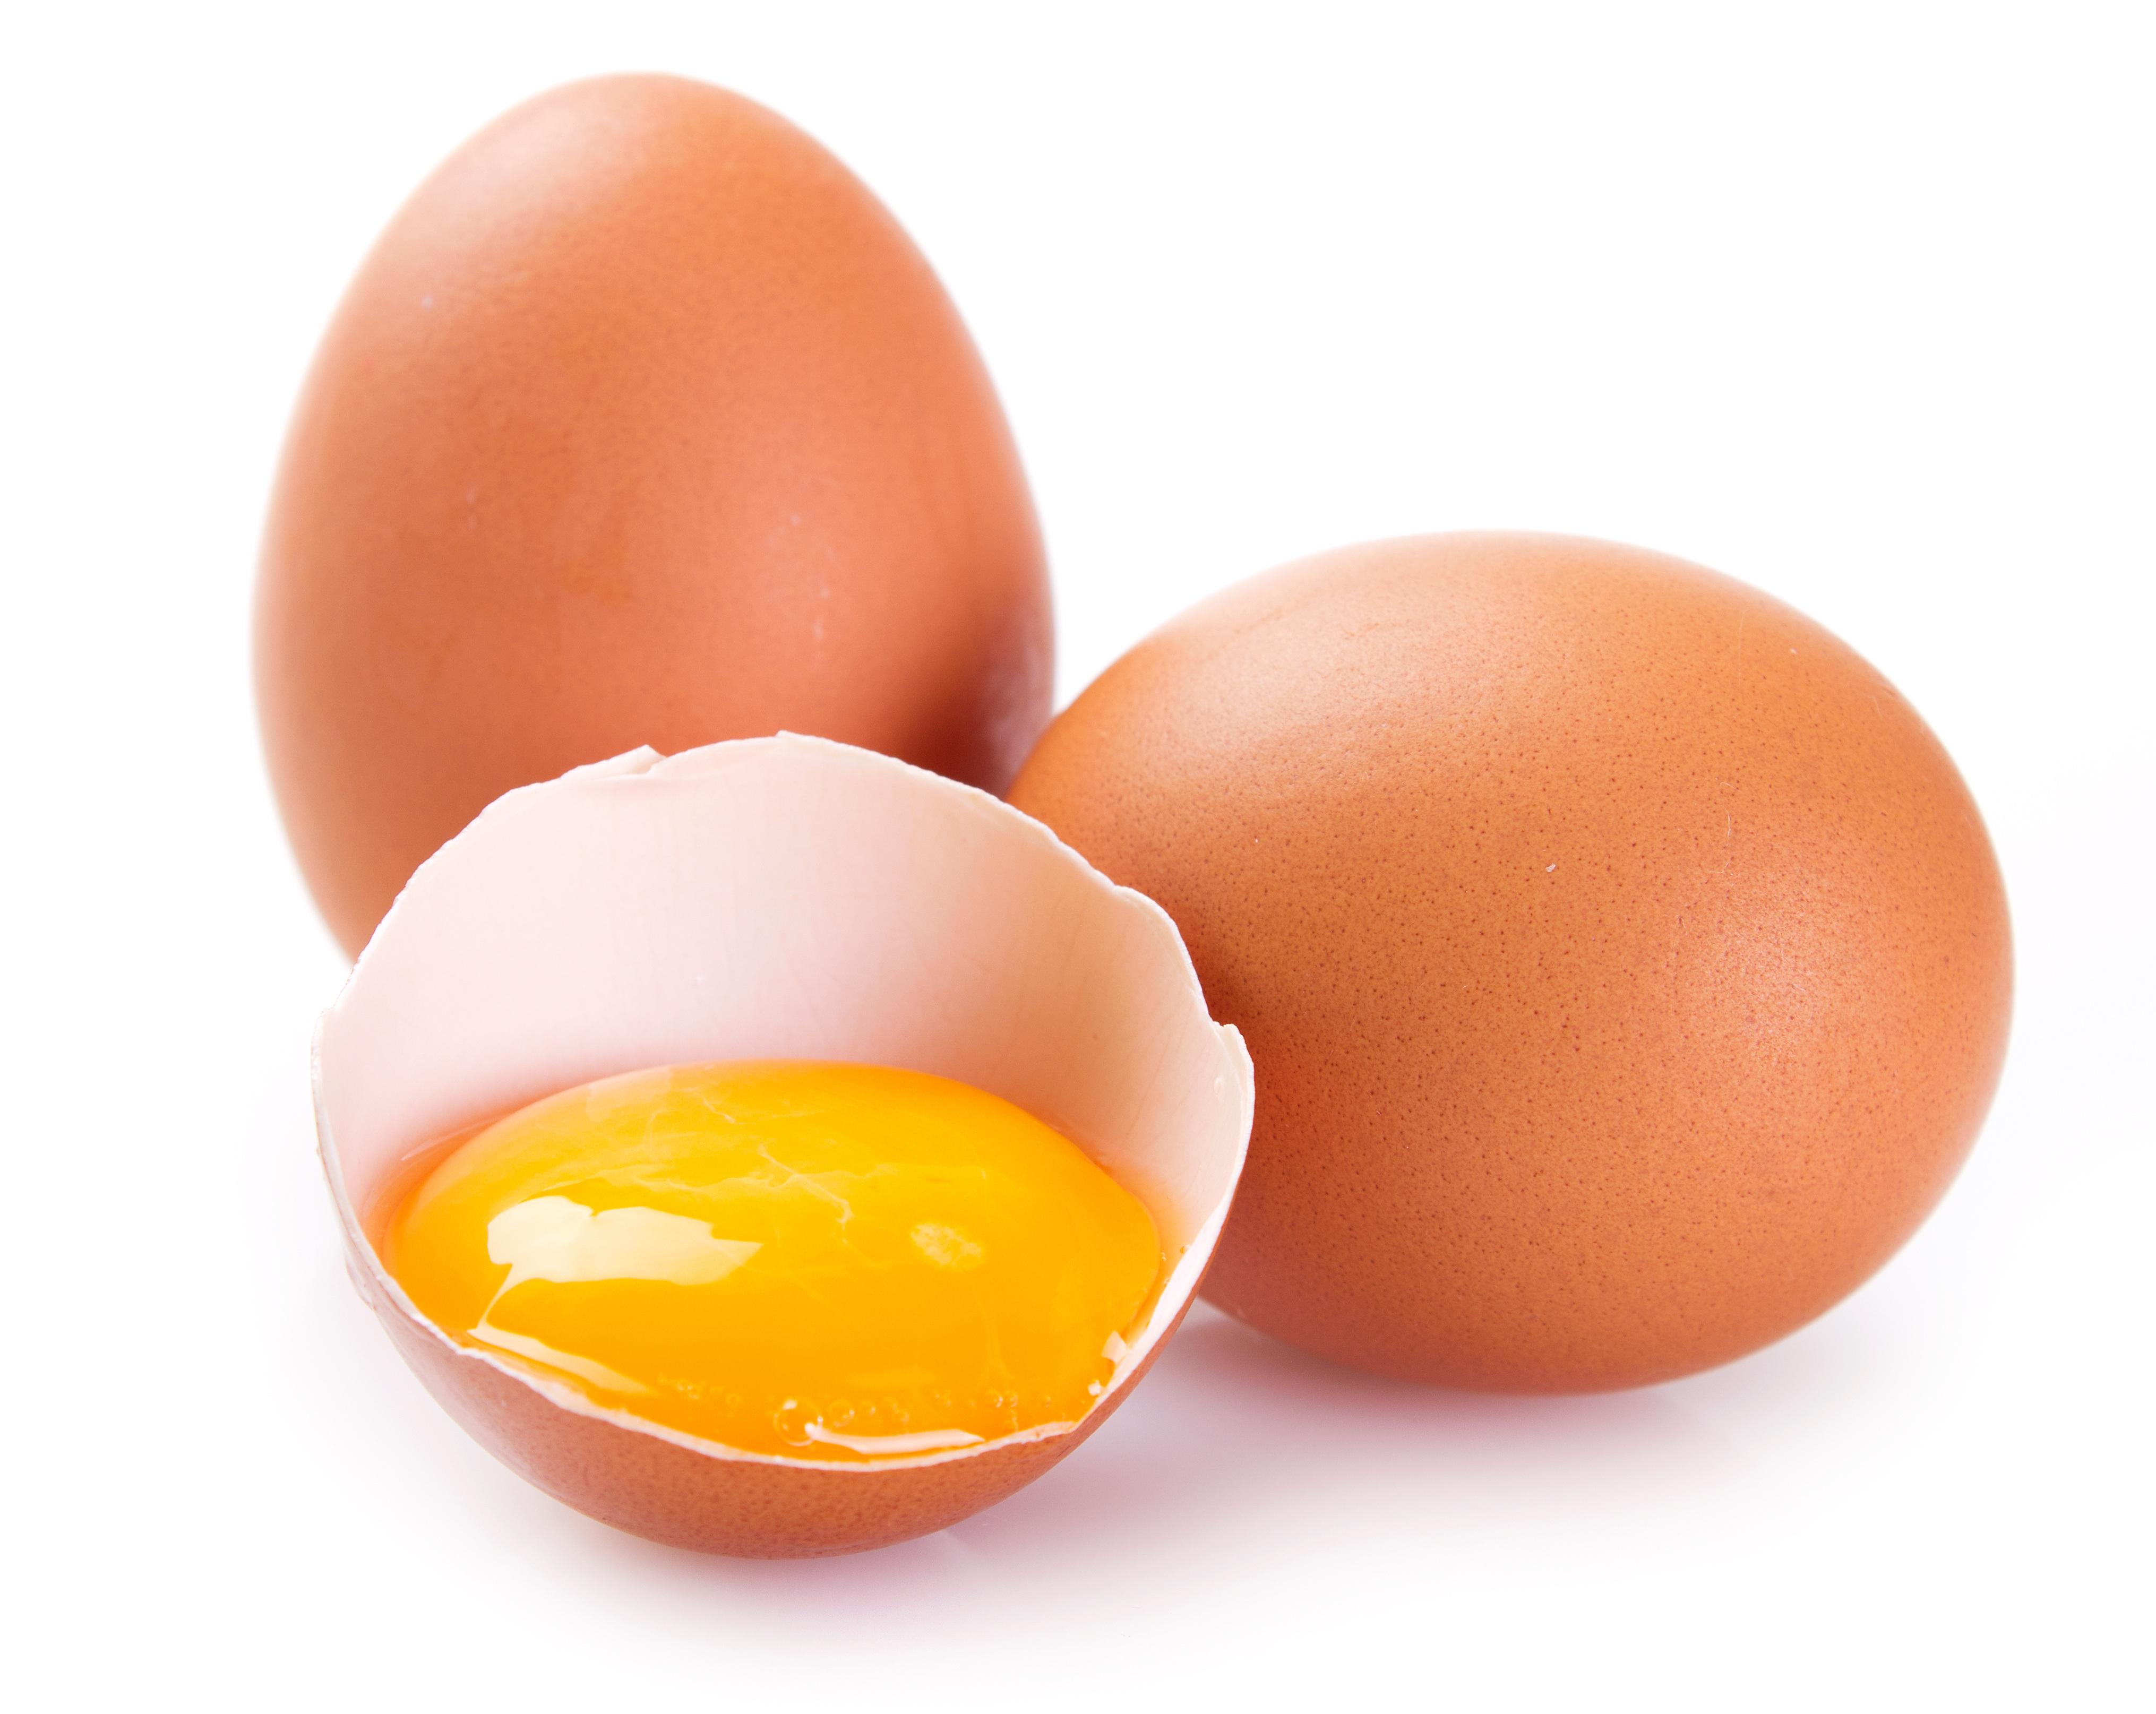 12 Manfaat Telur Untuk Kesehatan Tubuh Yang Luar Biasa